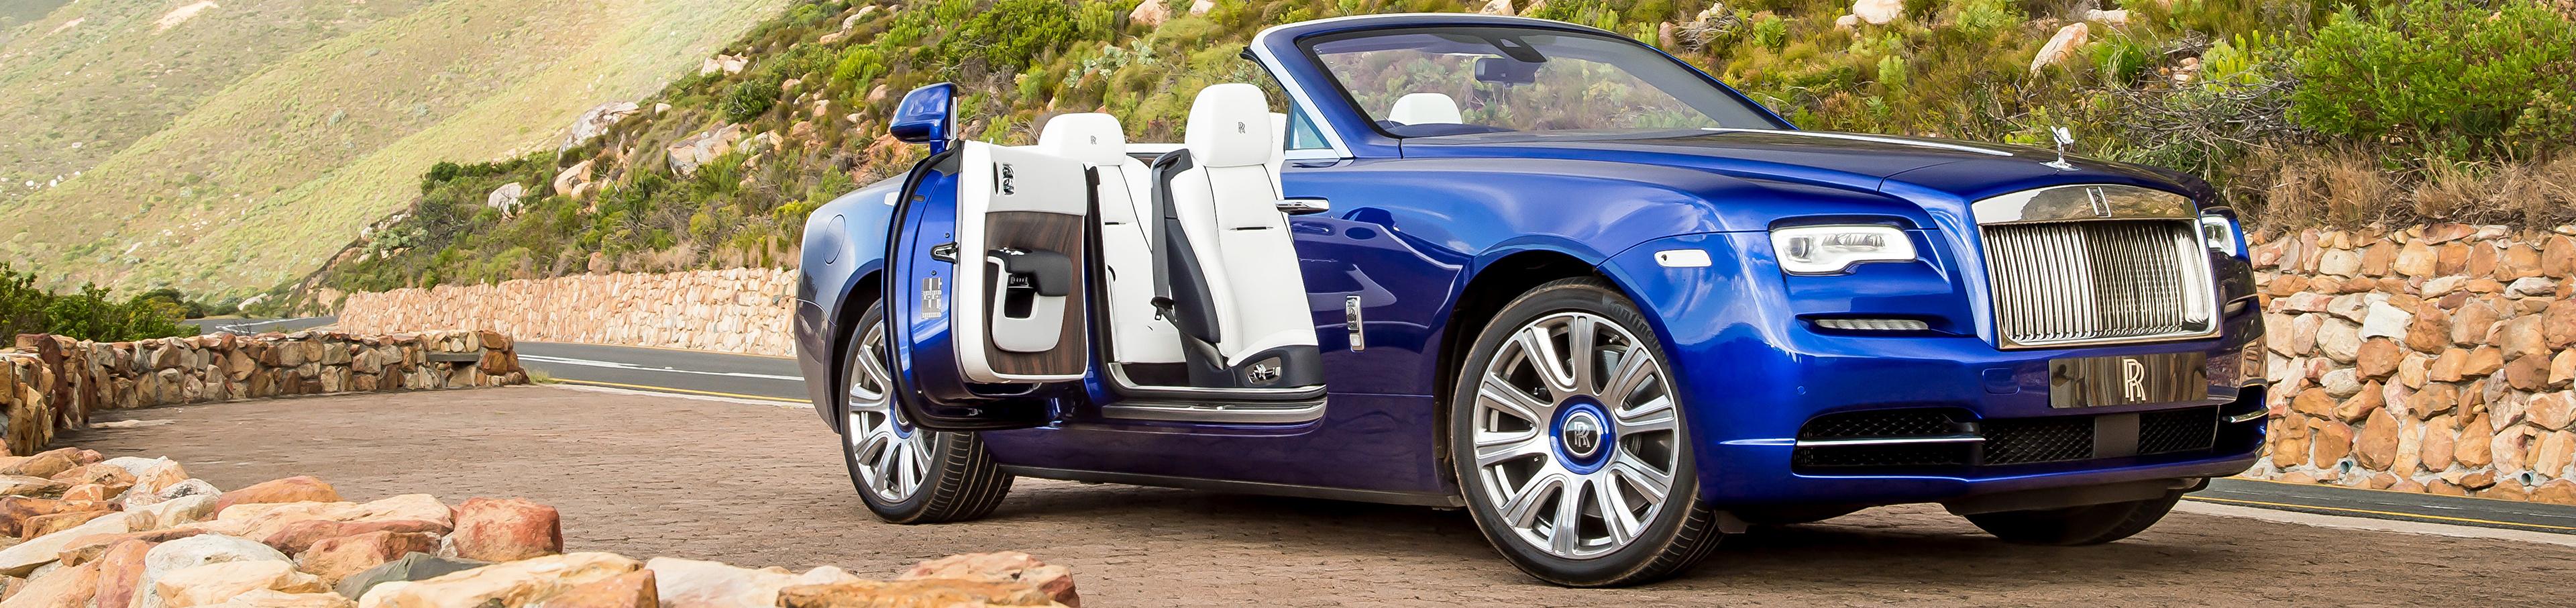 европейские роскошные автомобили